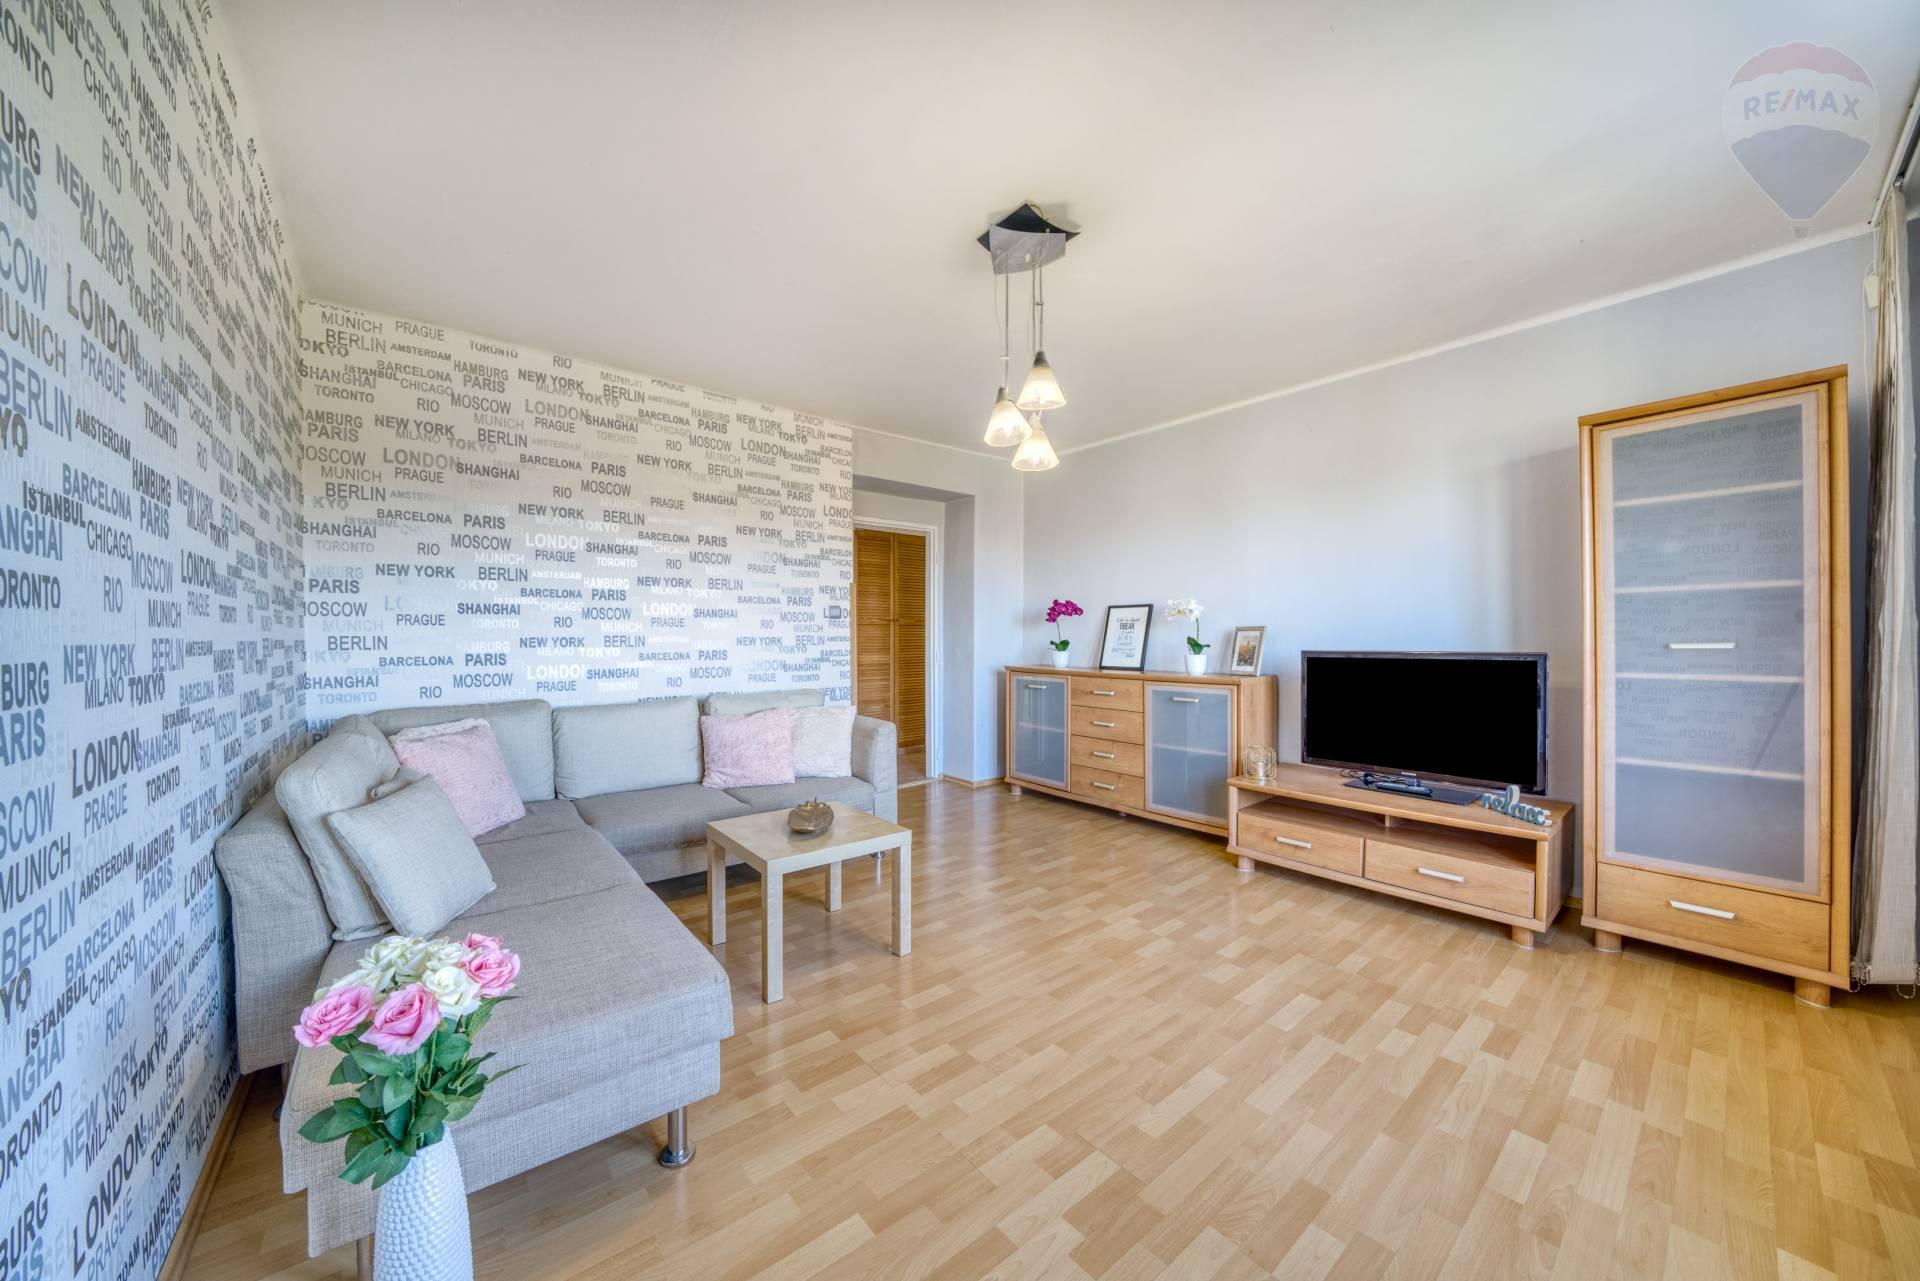 2 izbový byt na predaj, Wolkerova ulica, širšie centrum, Prešov